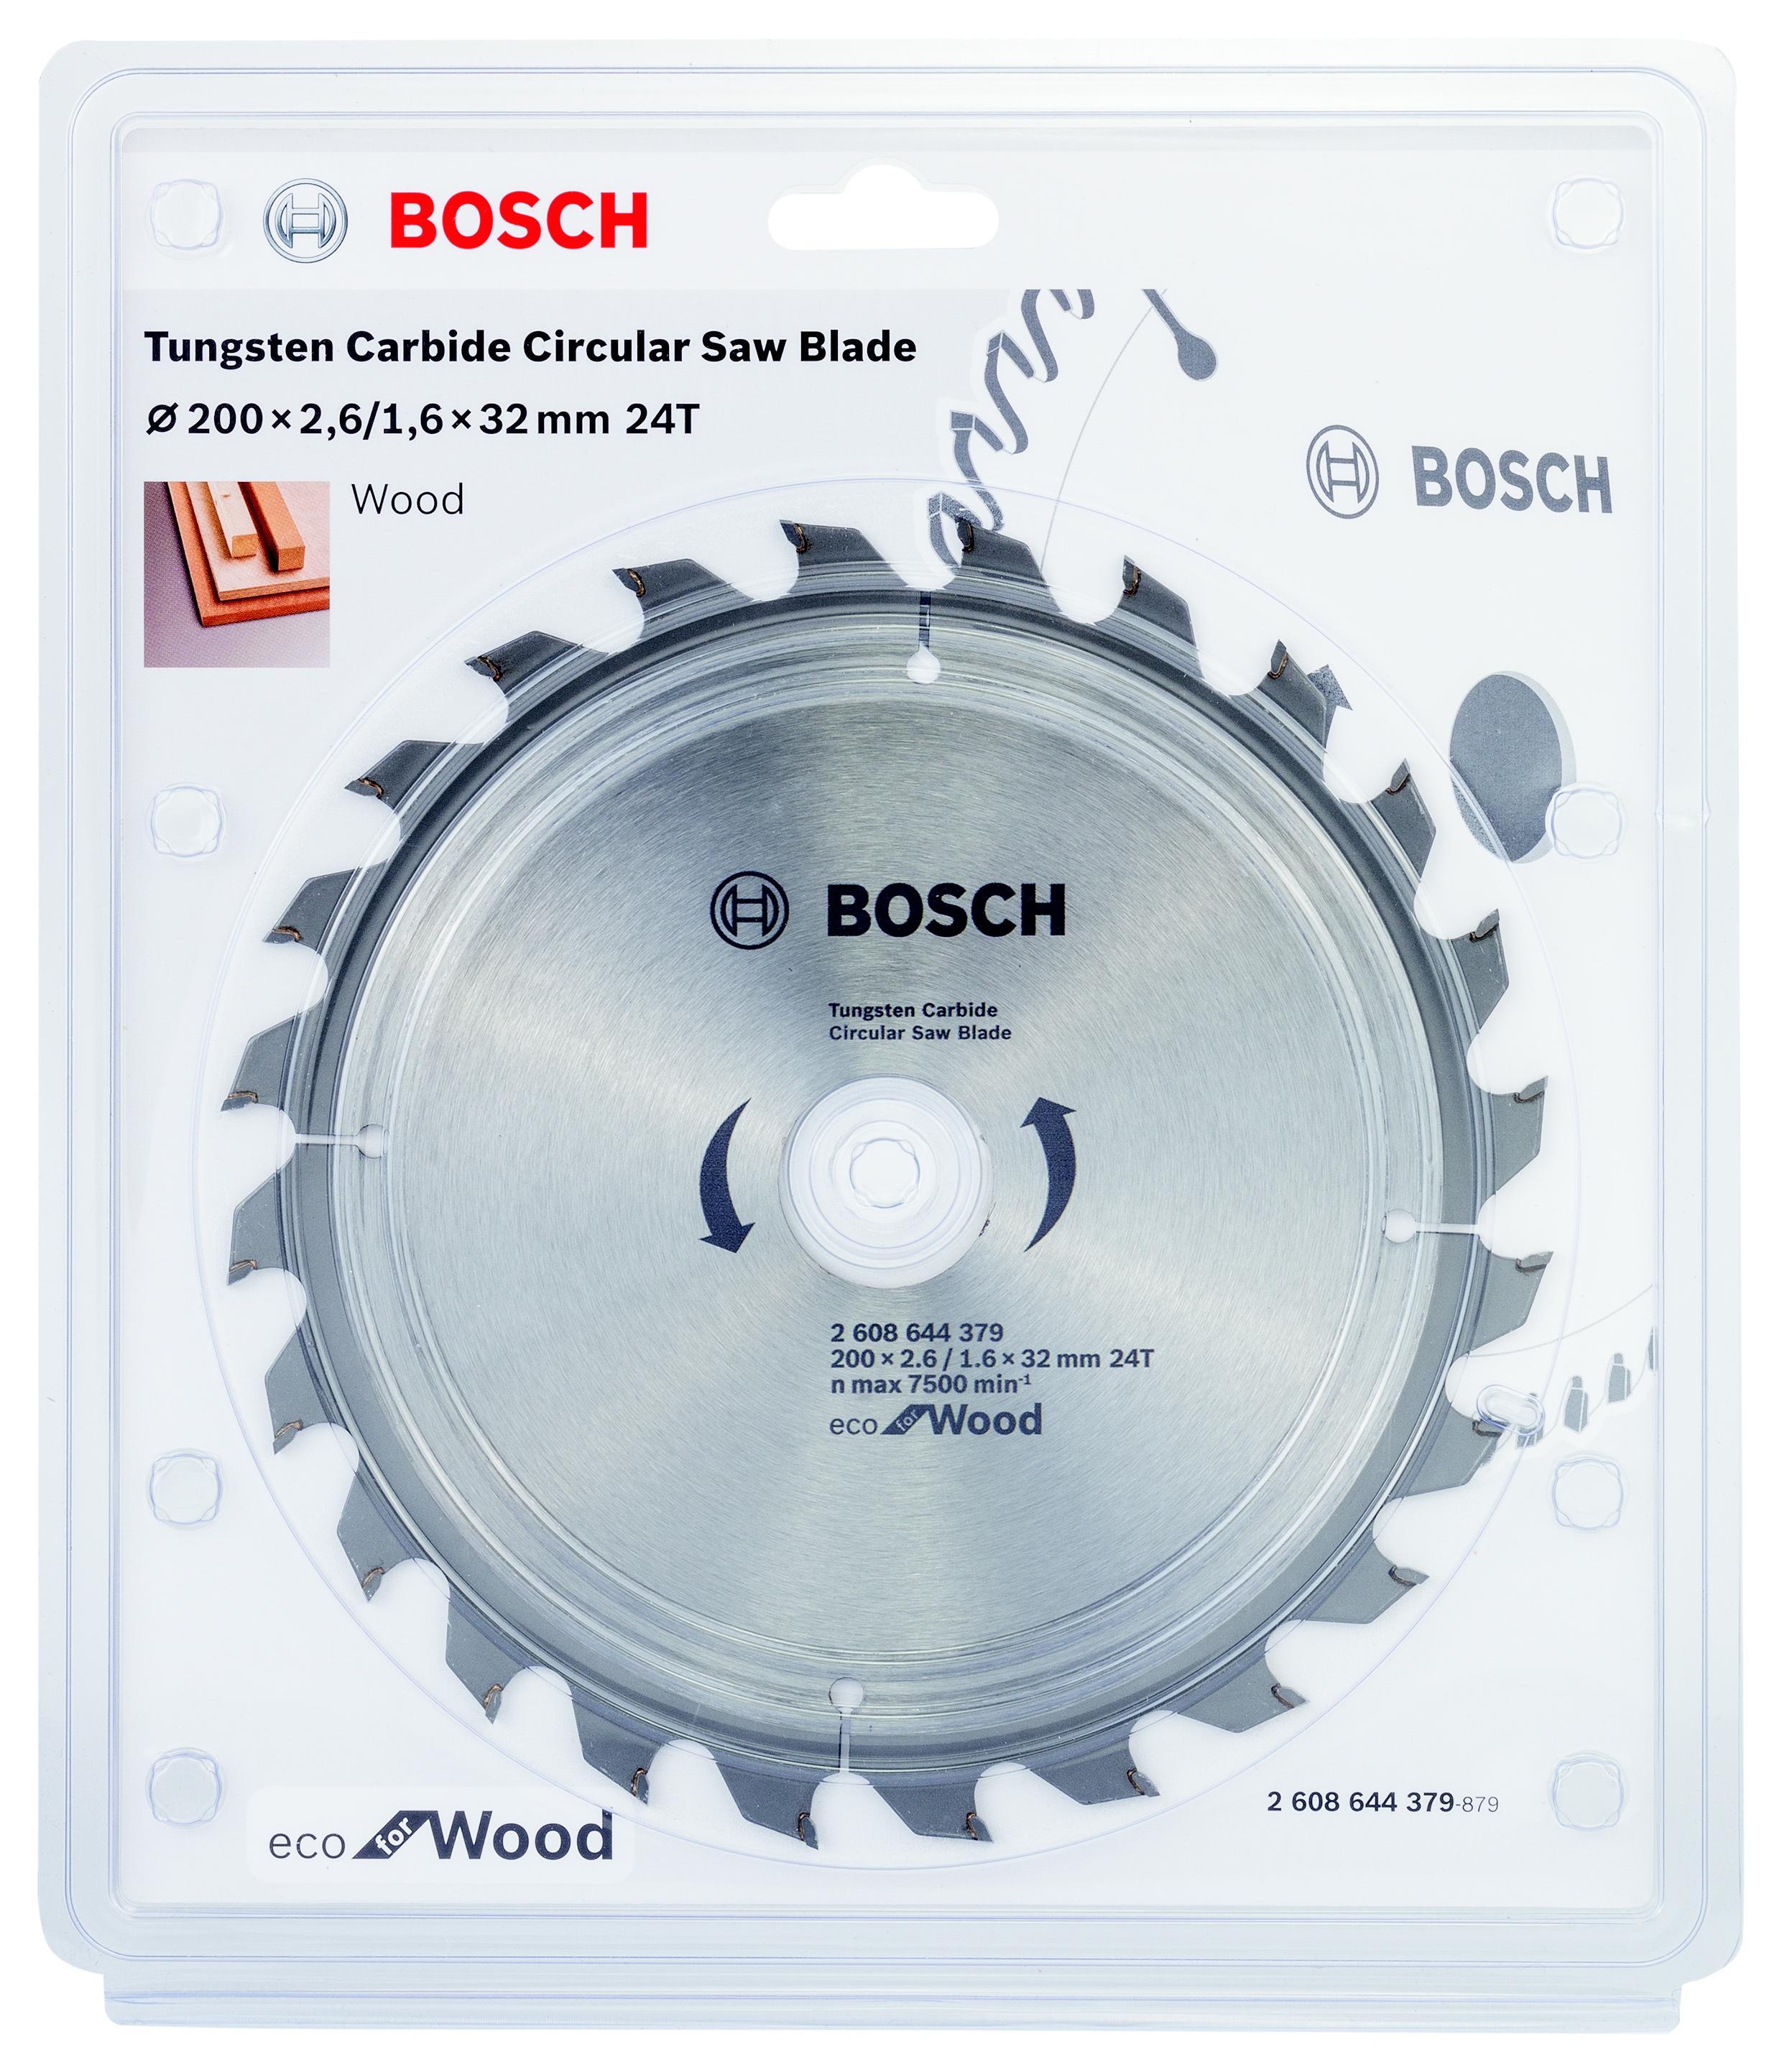 Диск пильный твердосплавный Bosch Eco wo 200x32-24t (2.608.644.379) набор bosch ножовка gsa 18v 32 0 601 6a8 102 адаптер gaa 18v 24